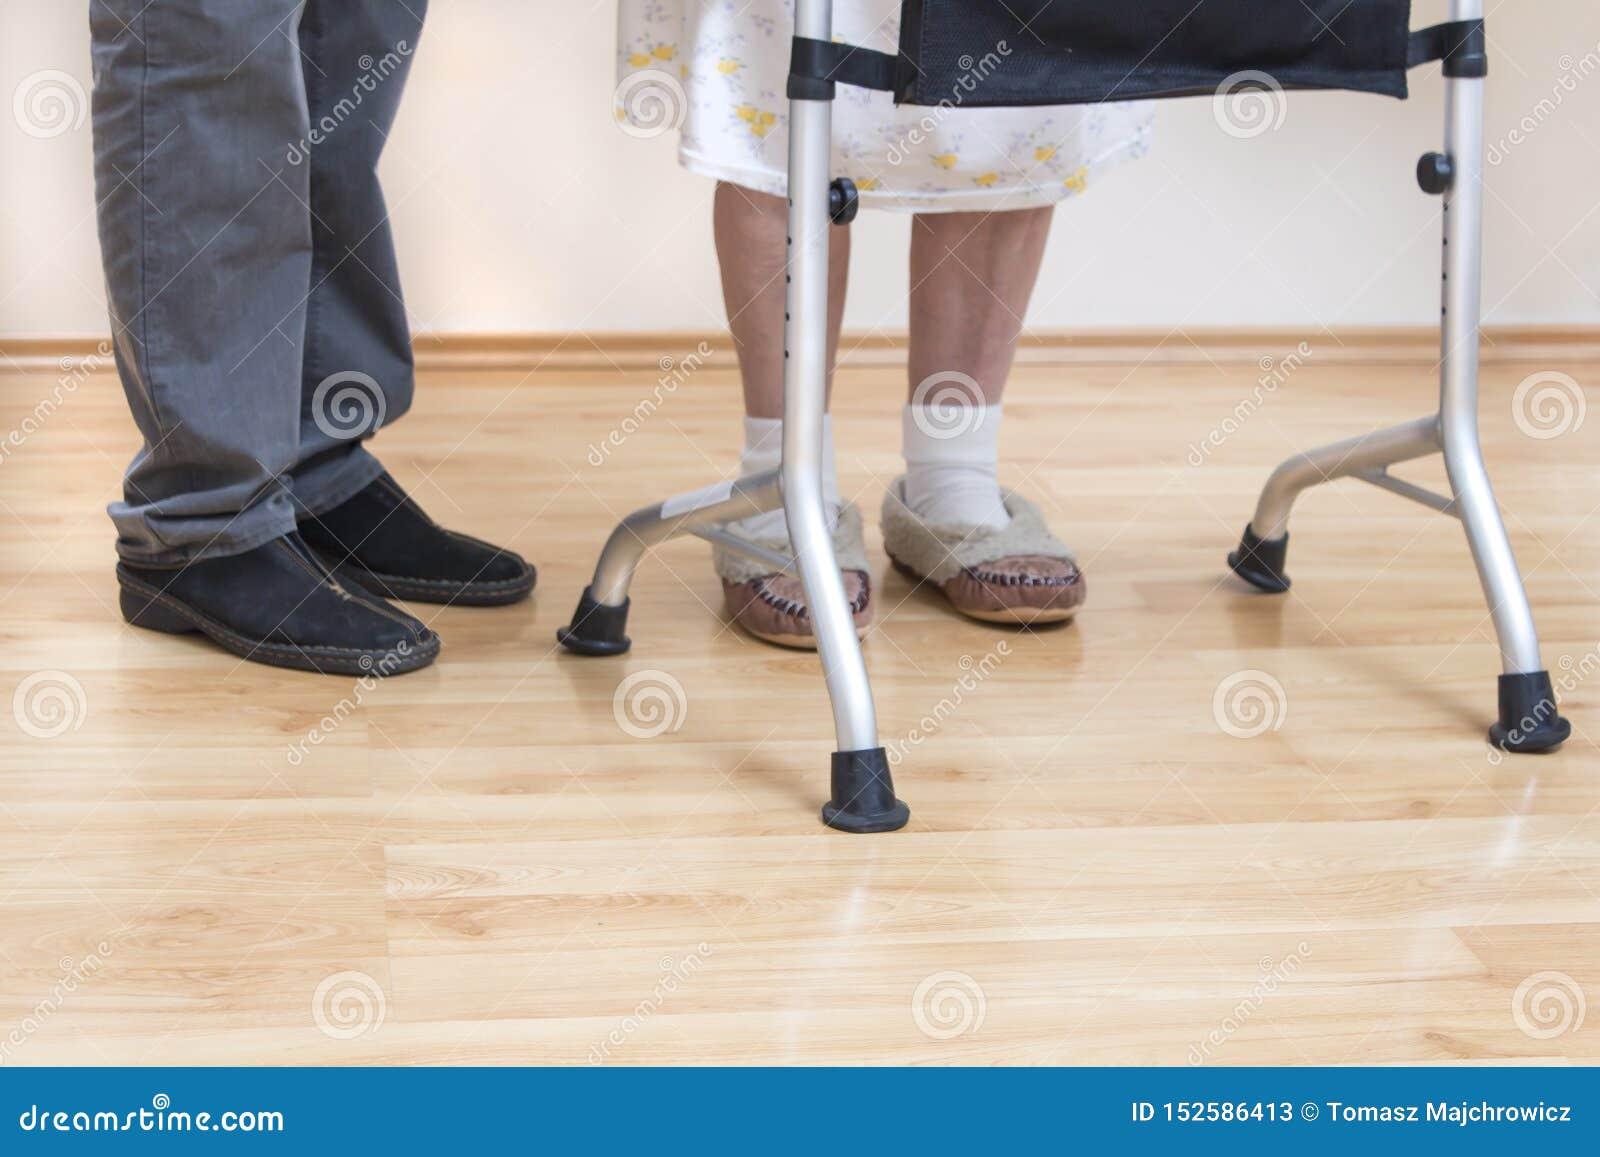 Balconi medici di riabilitazione La nonna impara camminare con l aiuto di un camminatore ed assistito da un infermiere